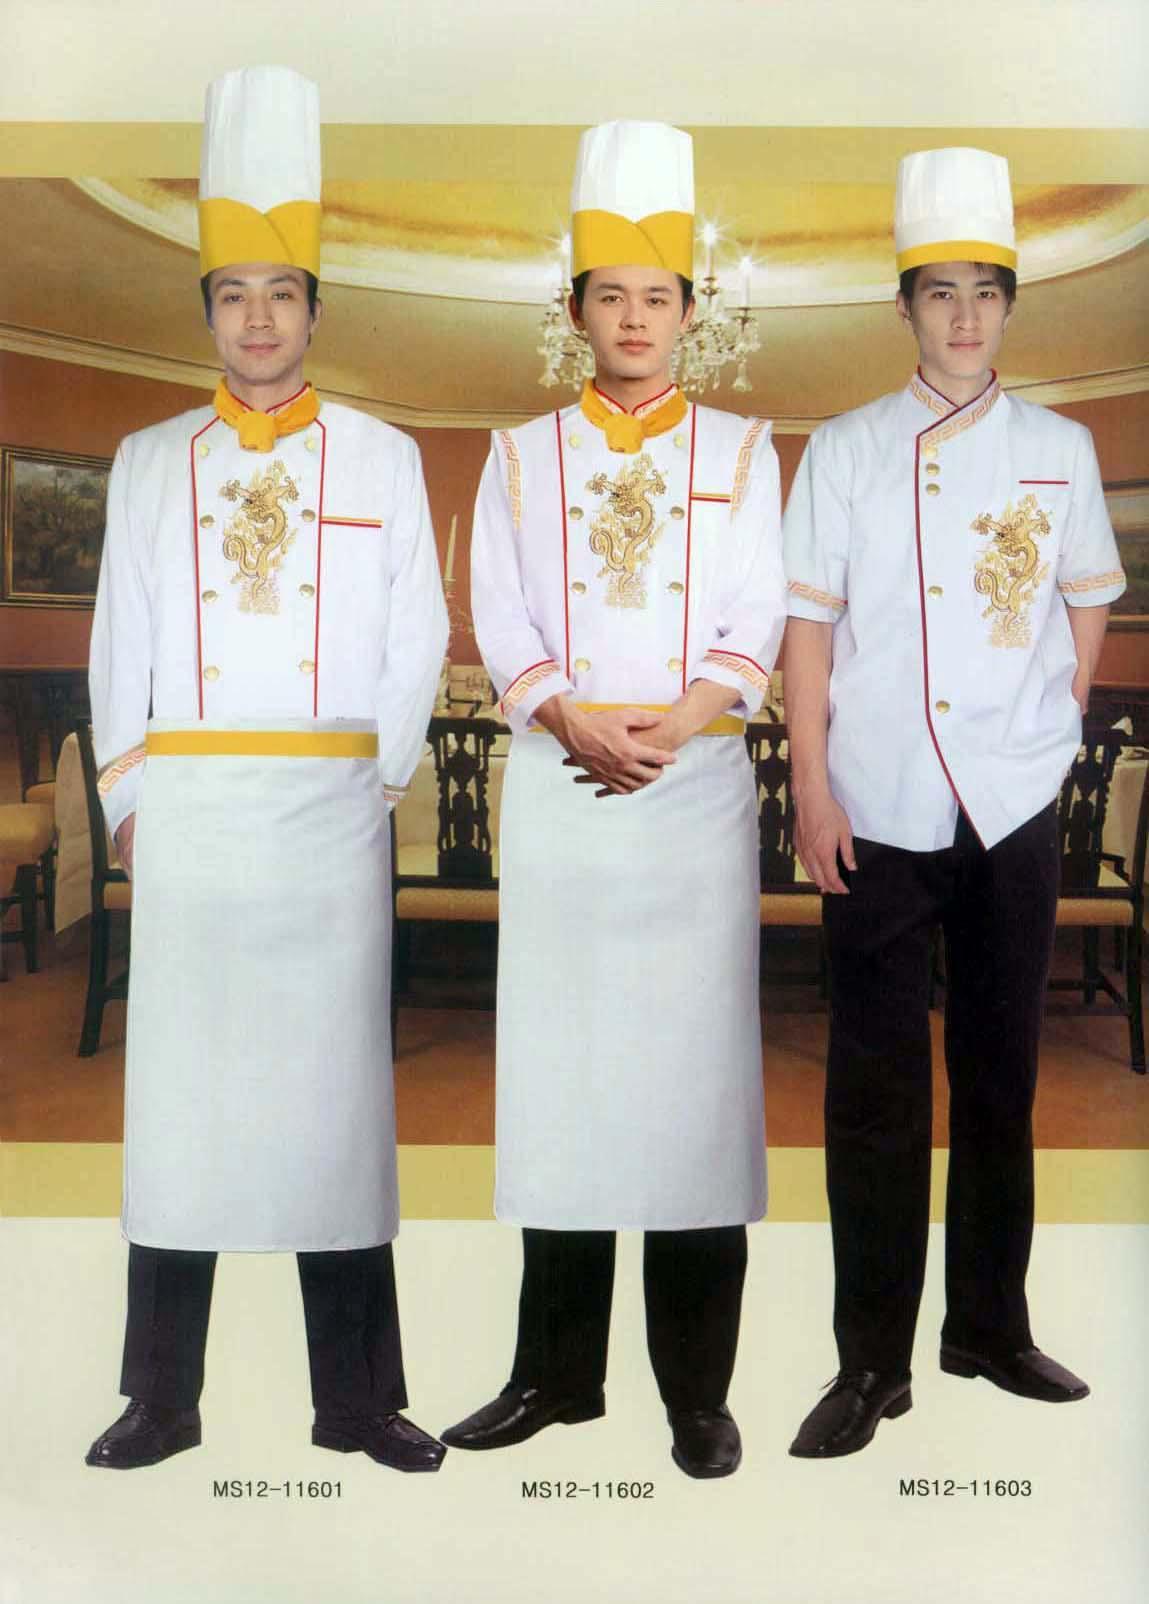 厨师服工作服裤子                斯普荣服装设计部拥有多名服饰专家